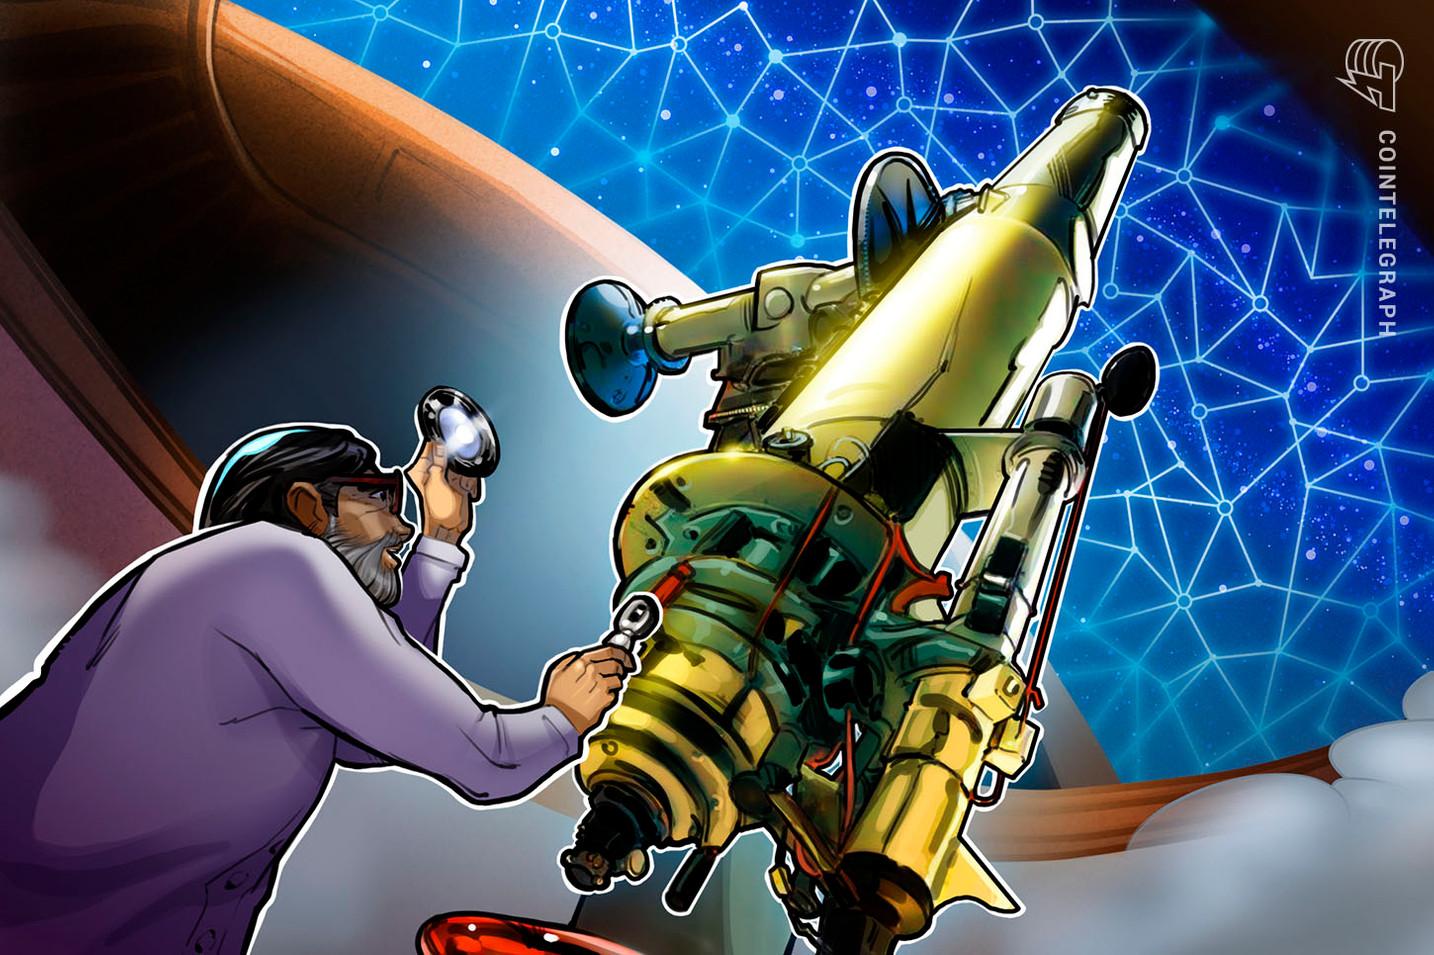 Em relatório para o BRI, Alex Tapscott afirma que 'governos e grandes empresas terão suas próprias criptomoedas até 2030'